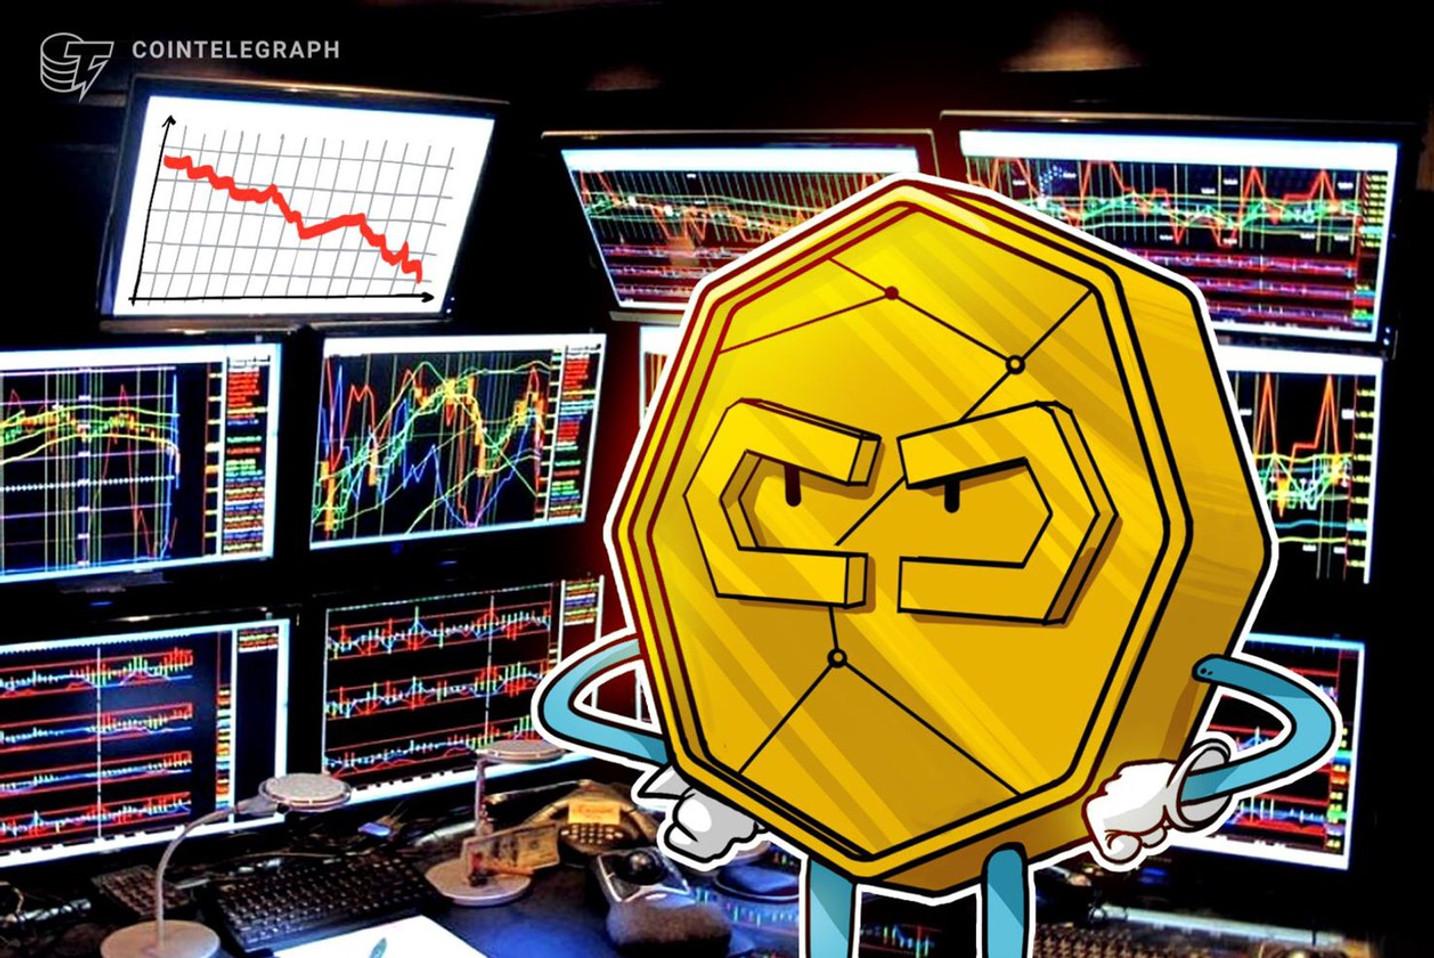 先物のSQ日迫るビットコイン市場、フィボナッチリトレースメント38.2%超えられるか 仮想通貨相場市況(12月17日)